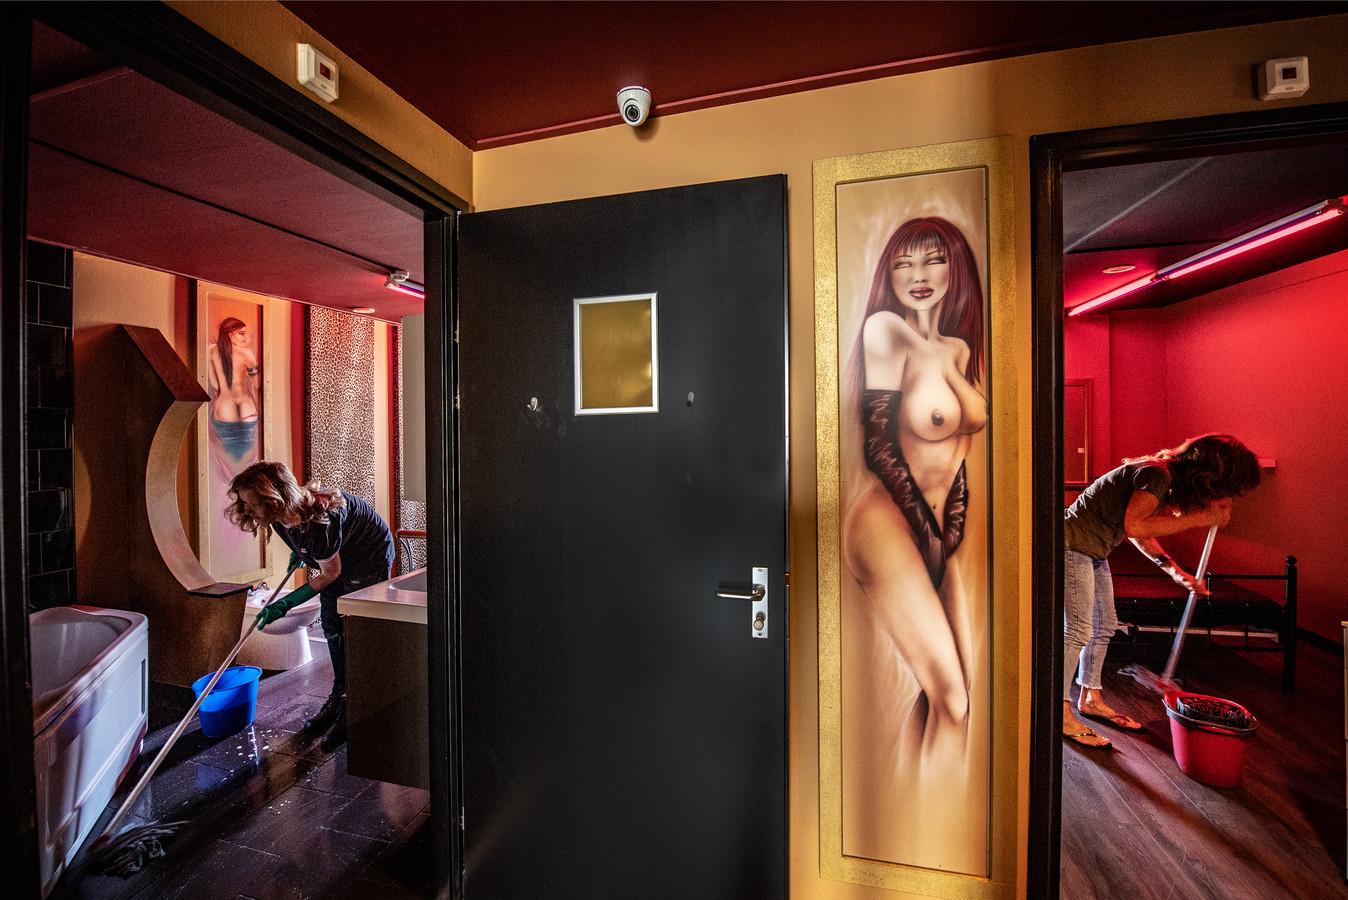 De sekskamers in de Nijmeegse rosse buurt worden schoongemaakt, vandaag gaat een deel van de eerder gesloten ramen weer open.